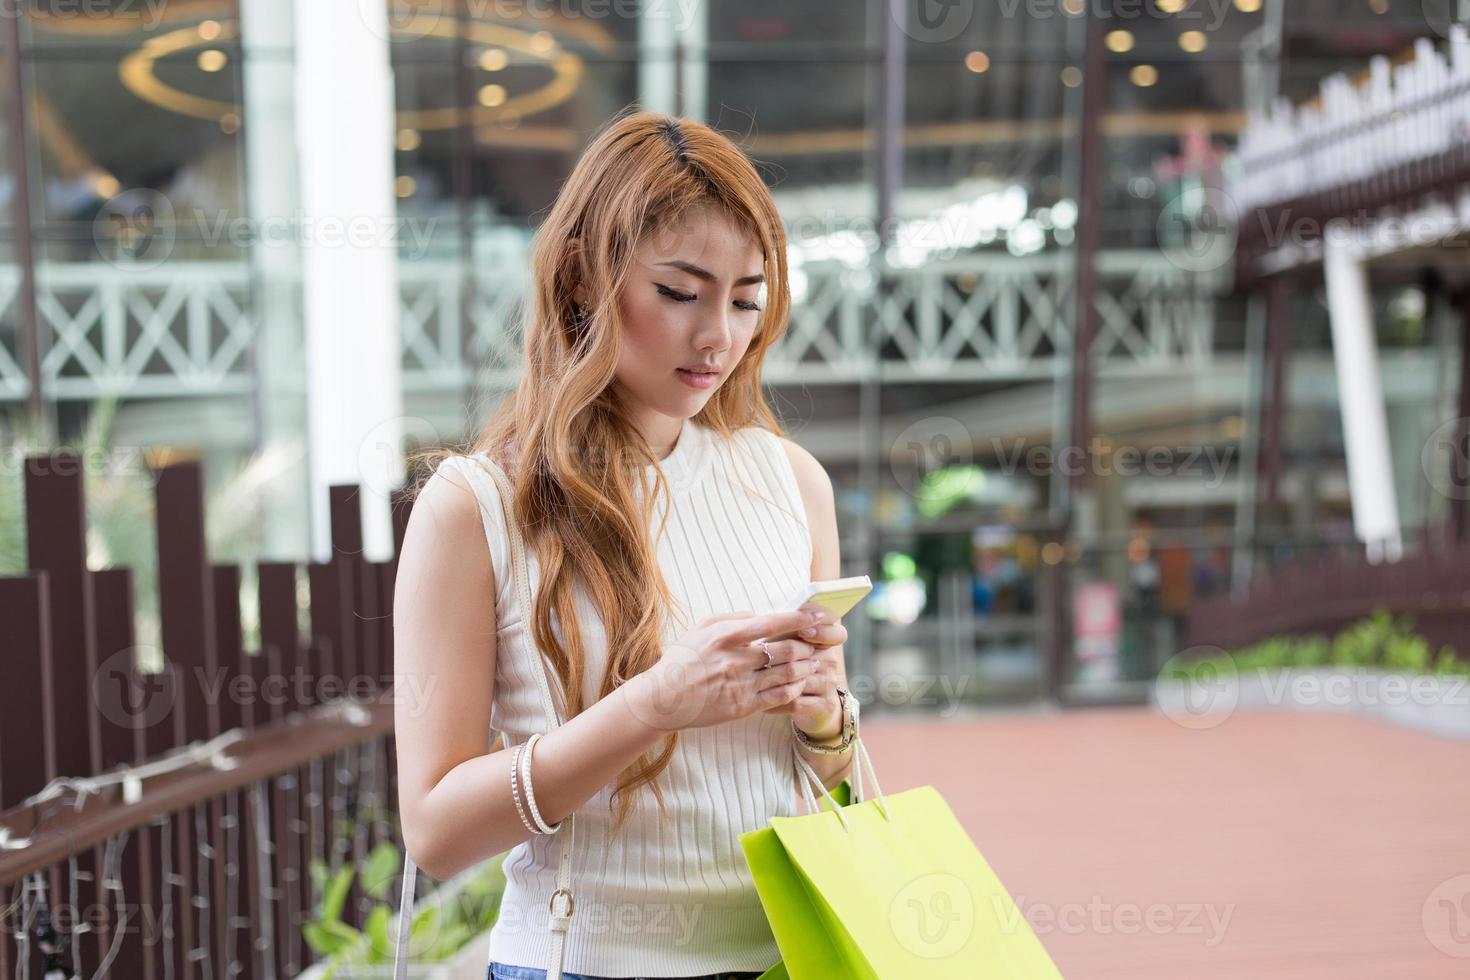 mooie vrouw mobiel gebruiken foto